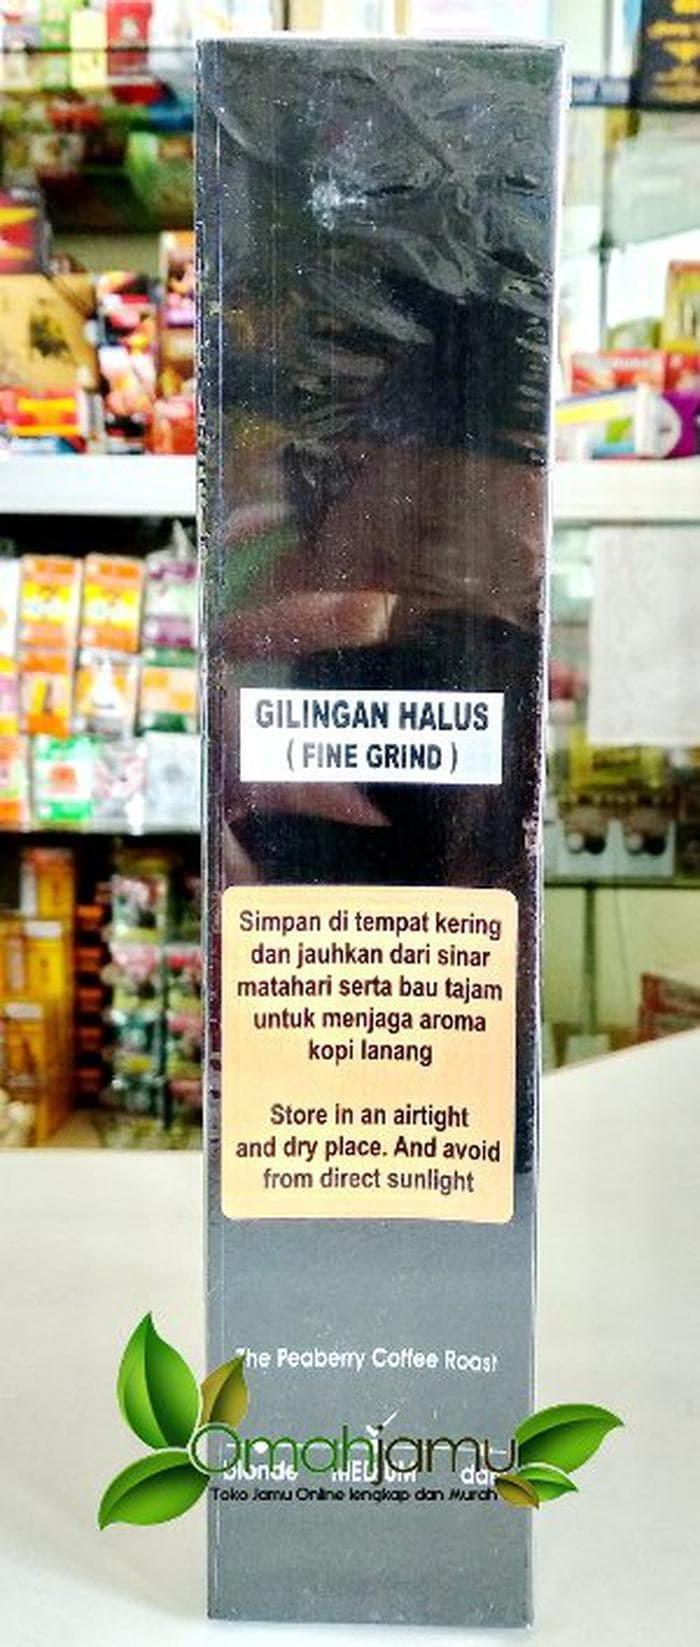 Jual PREMIUM KOPI AWAN ROBUSTA LANANG Jakarta Timur Store Fendi